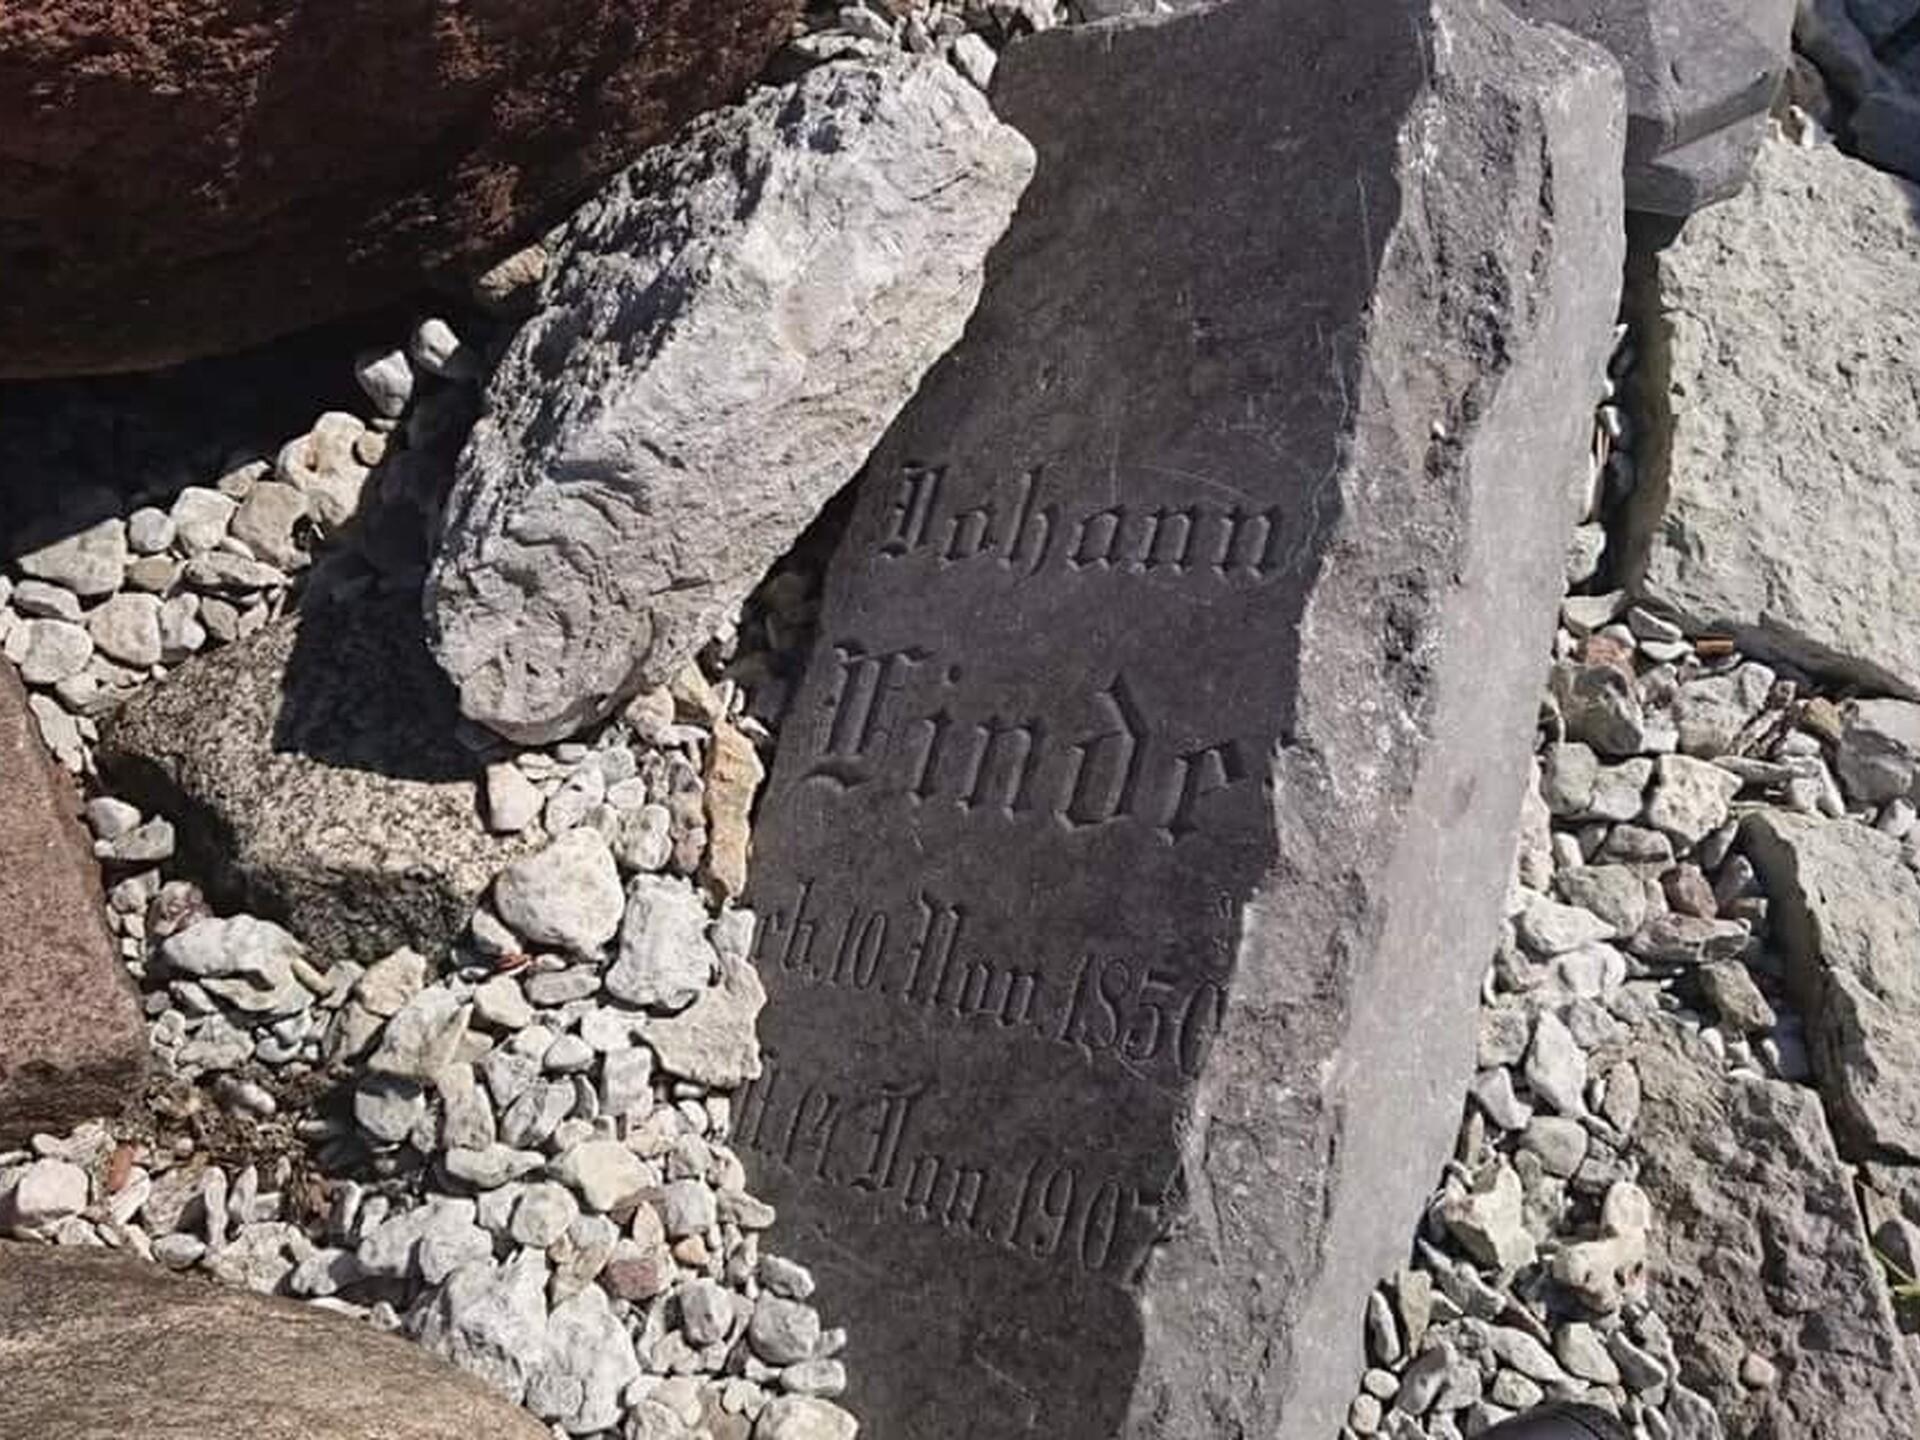 47c27f2ac80 Kaldamüüri hauakivid viiakse Reidi tee ehituse eest ära | Eesti | ERR